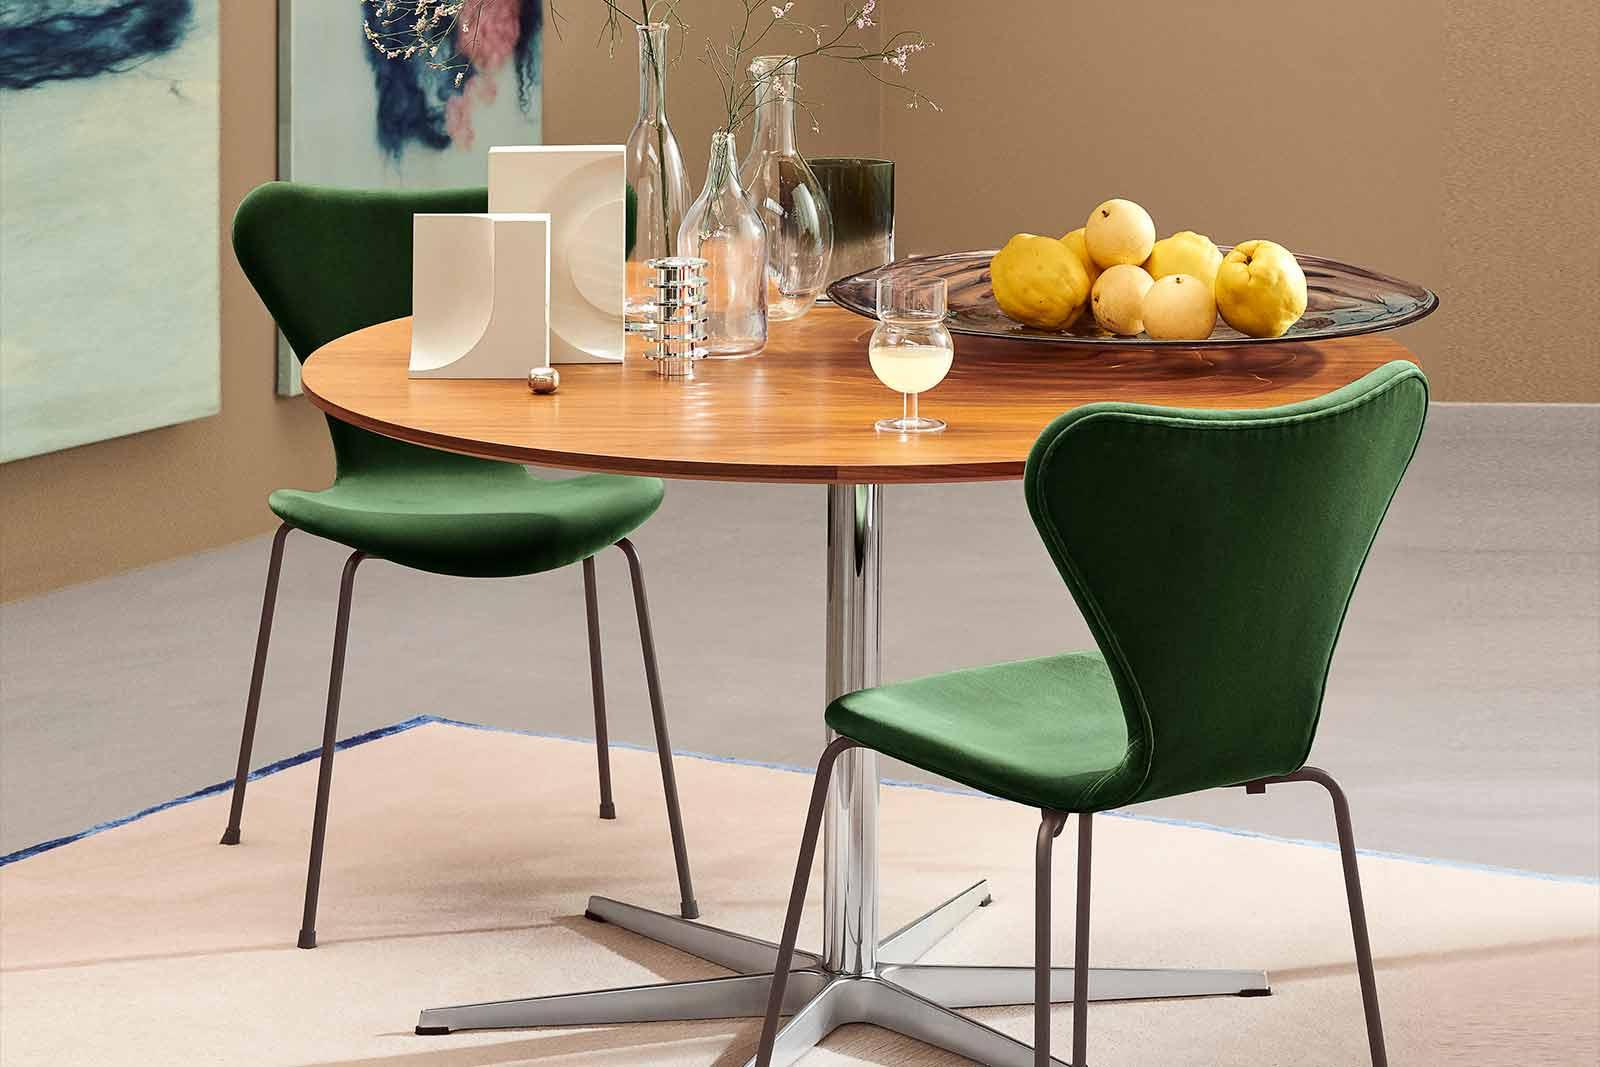 Serie 7 mit Samtpolsterung ist jetzt in 7 weiteren Farben erhältlich, Boutique Danoise Basel Daenische Designer Moebel Accessoires Wohnen News Velvet Farben